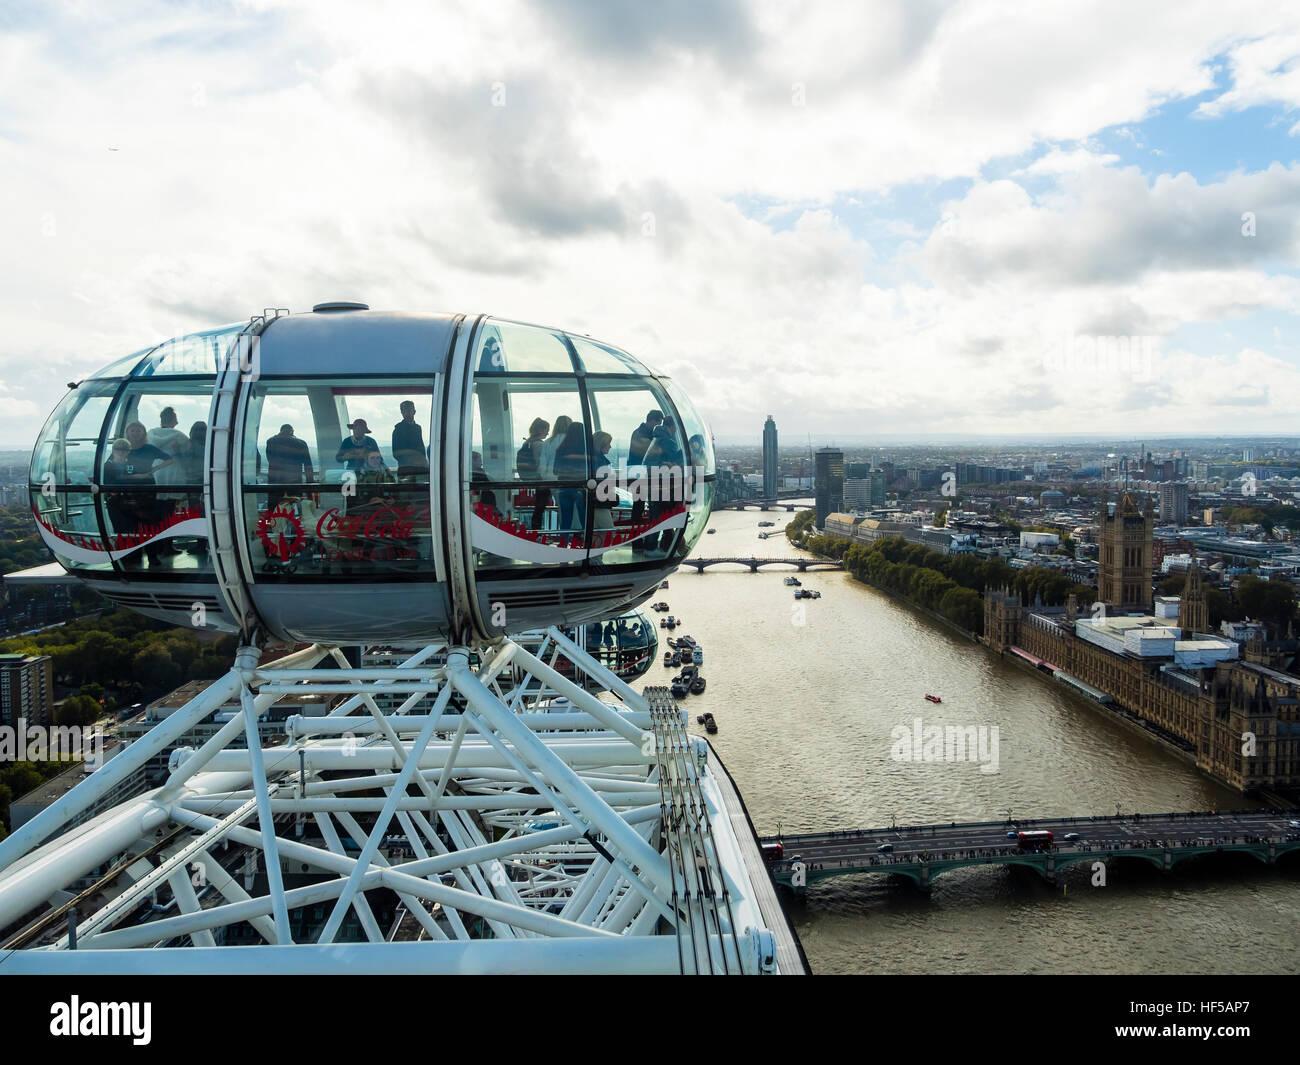 Capsules, London Eye, Londres, Angleterre, Royaume-Uni Photo Stock